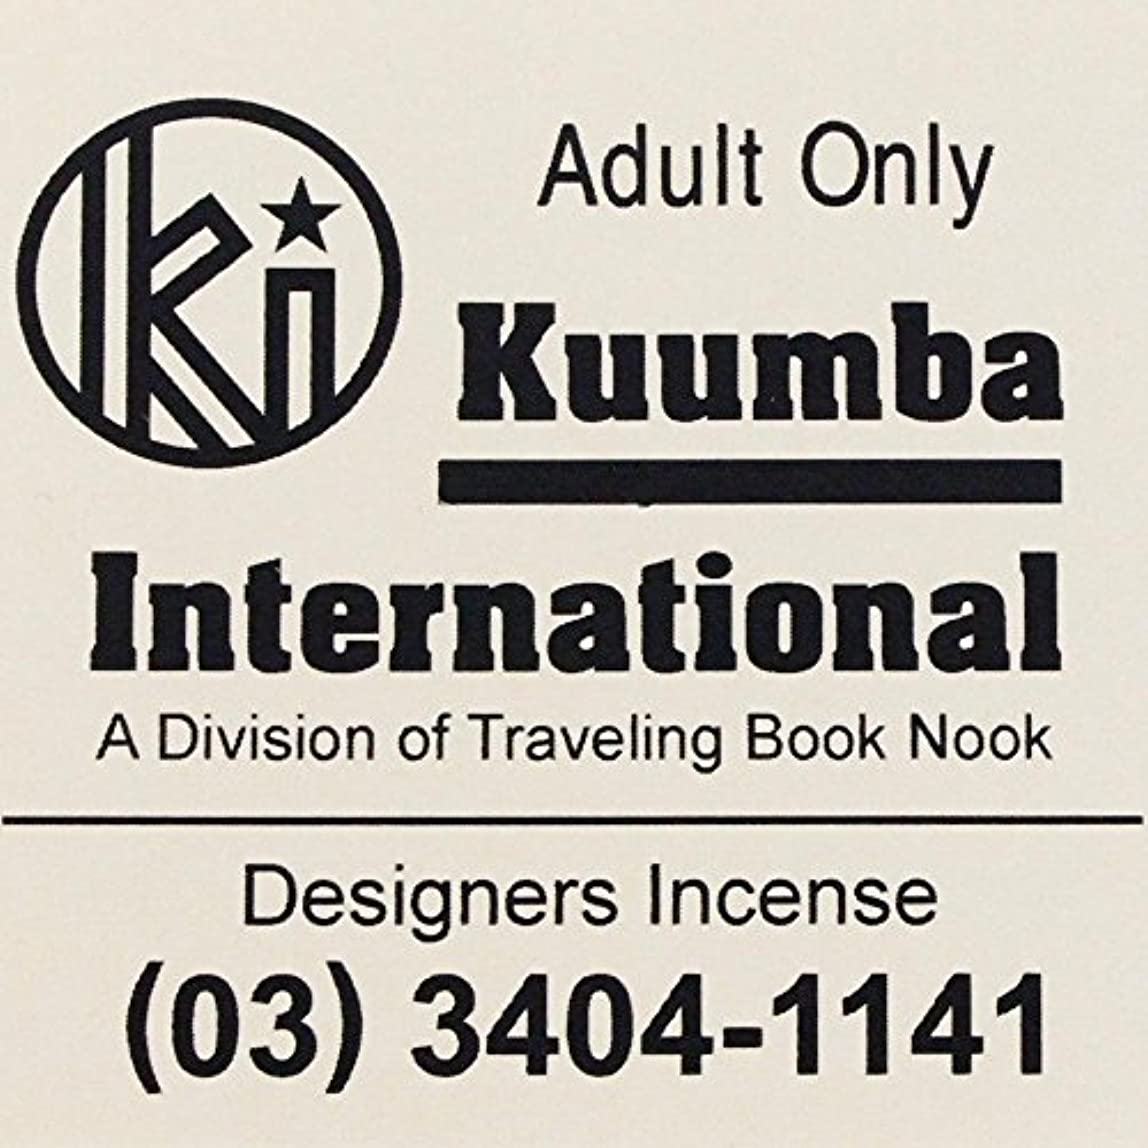 繁栄気楽な連続した(クンバ) KUUMBA『incense』(Adult Only) (Regular size)